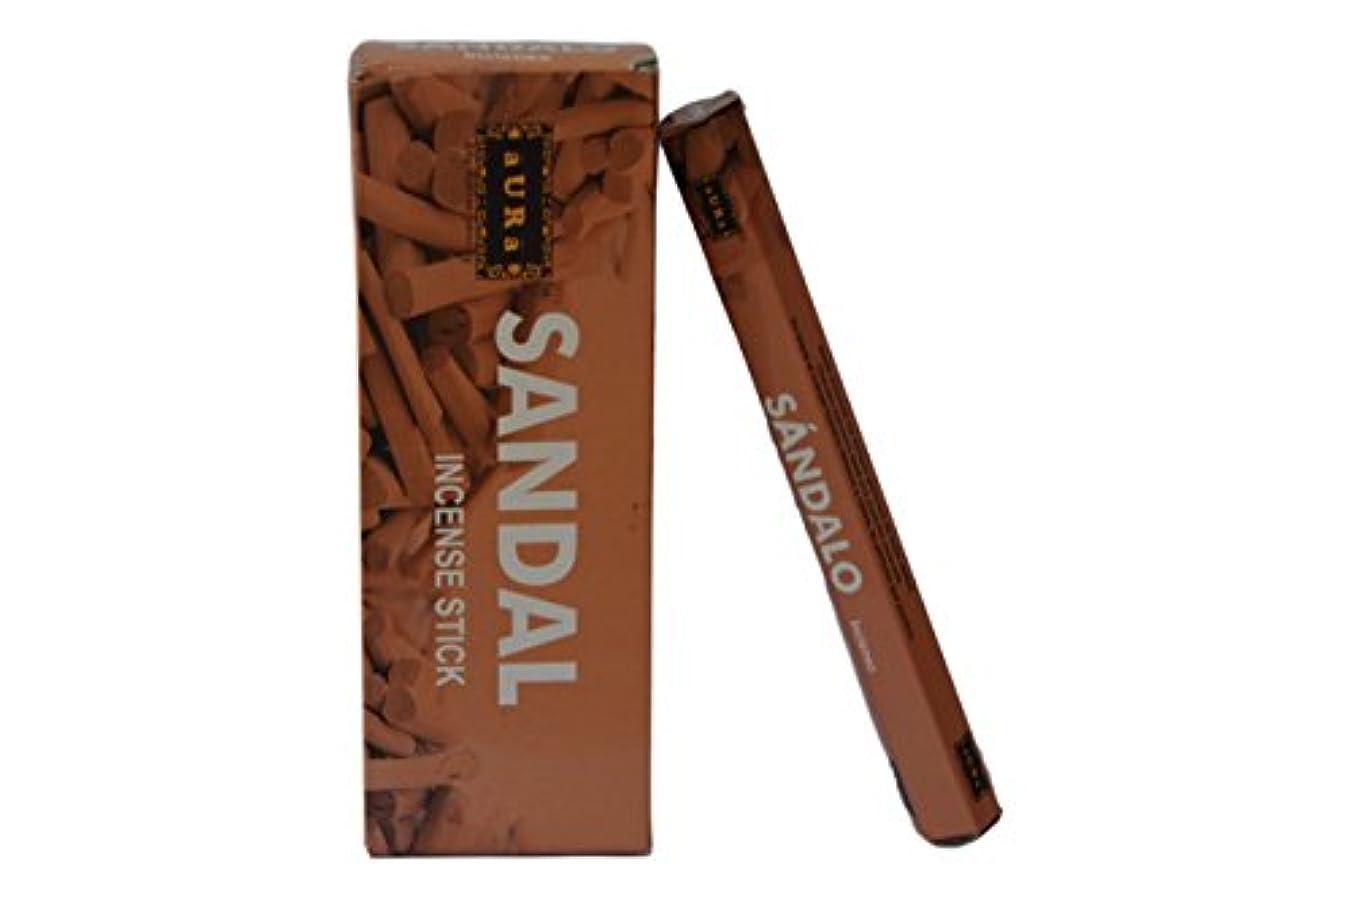 天井傾向があるホールドオールオーラサンダル香りつきIncense Sticks、プレミアム天然Incense Sticks、六角packing- 120 Sticks